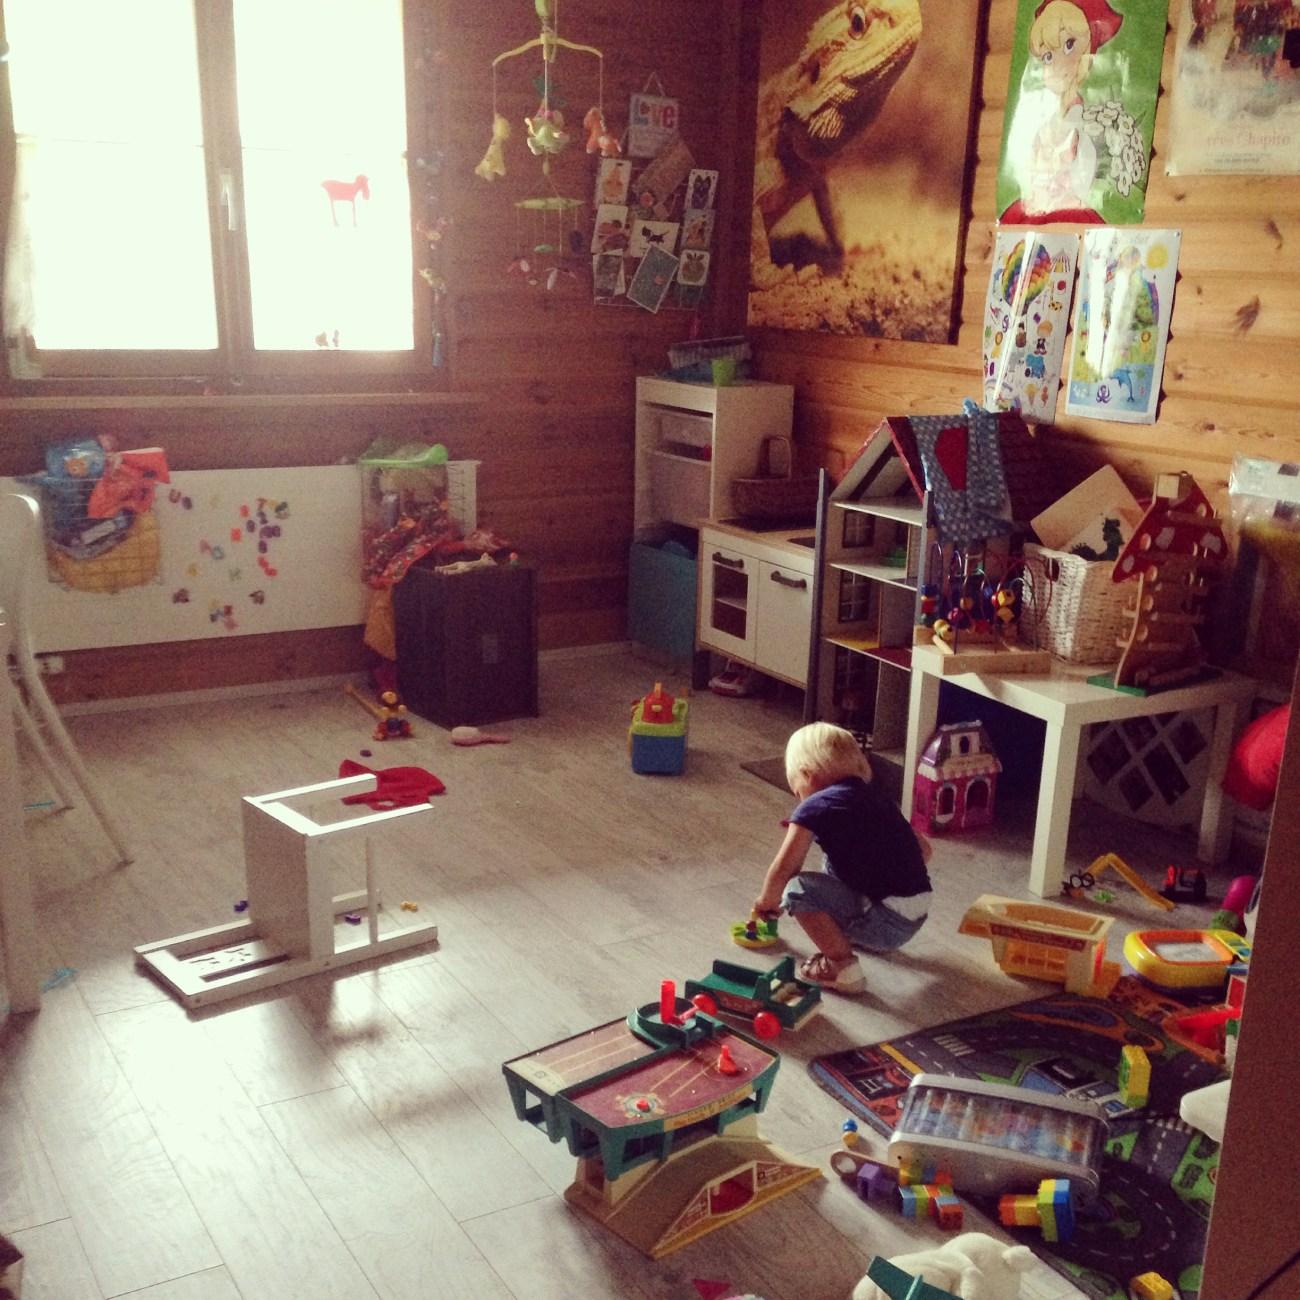 Heerlijk zo'n speelkamer